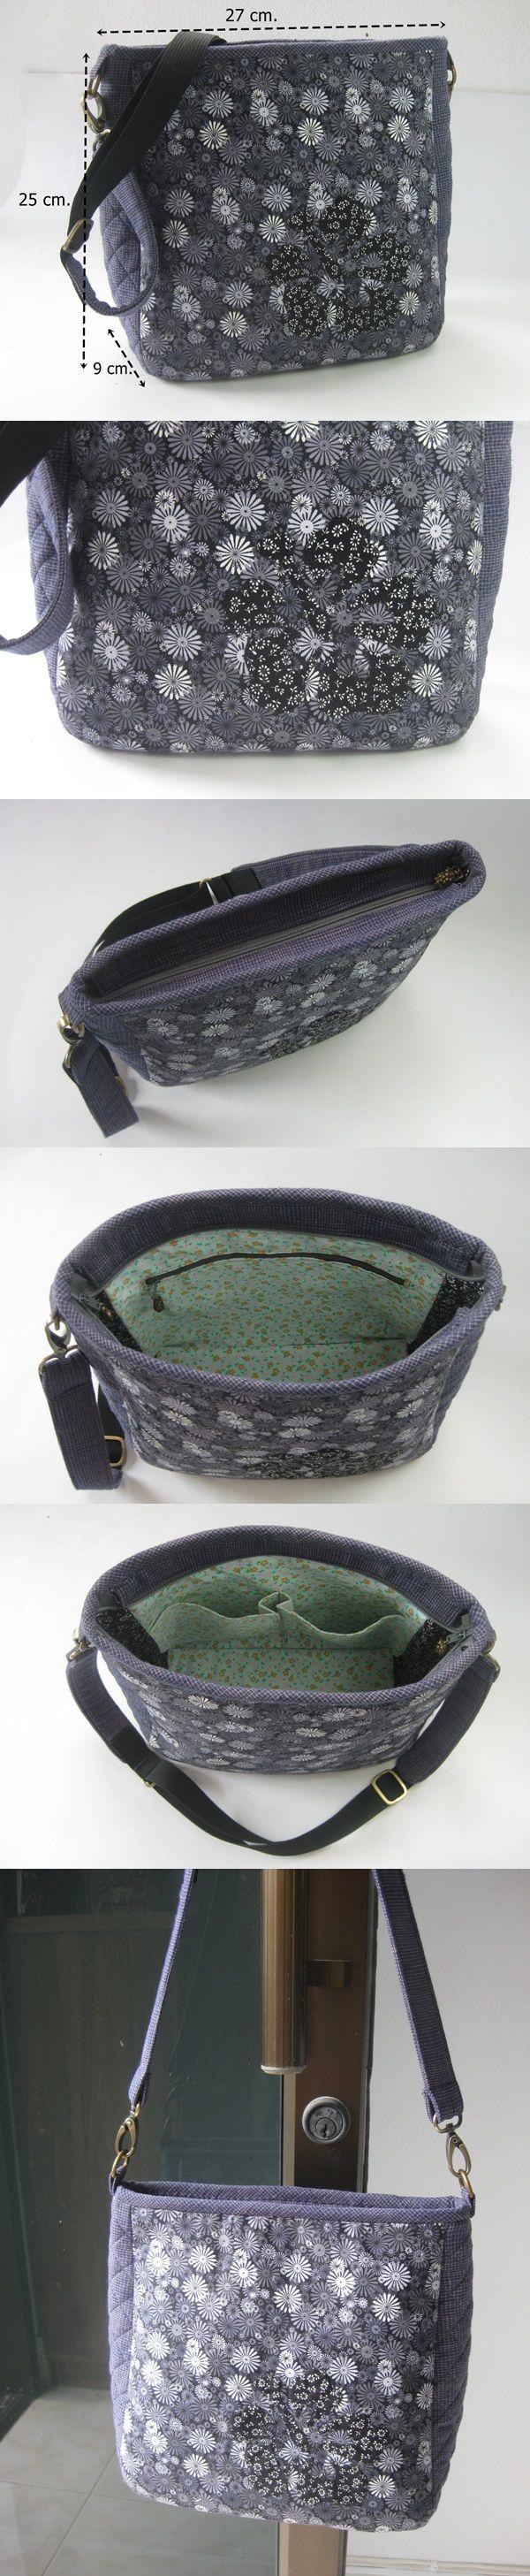 Saço em tecido com alça de couro muitodos prático para passeio